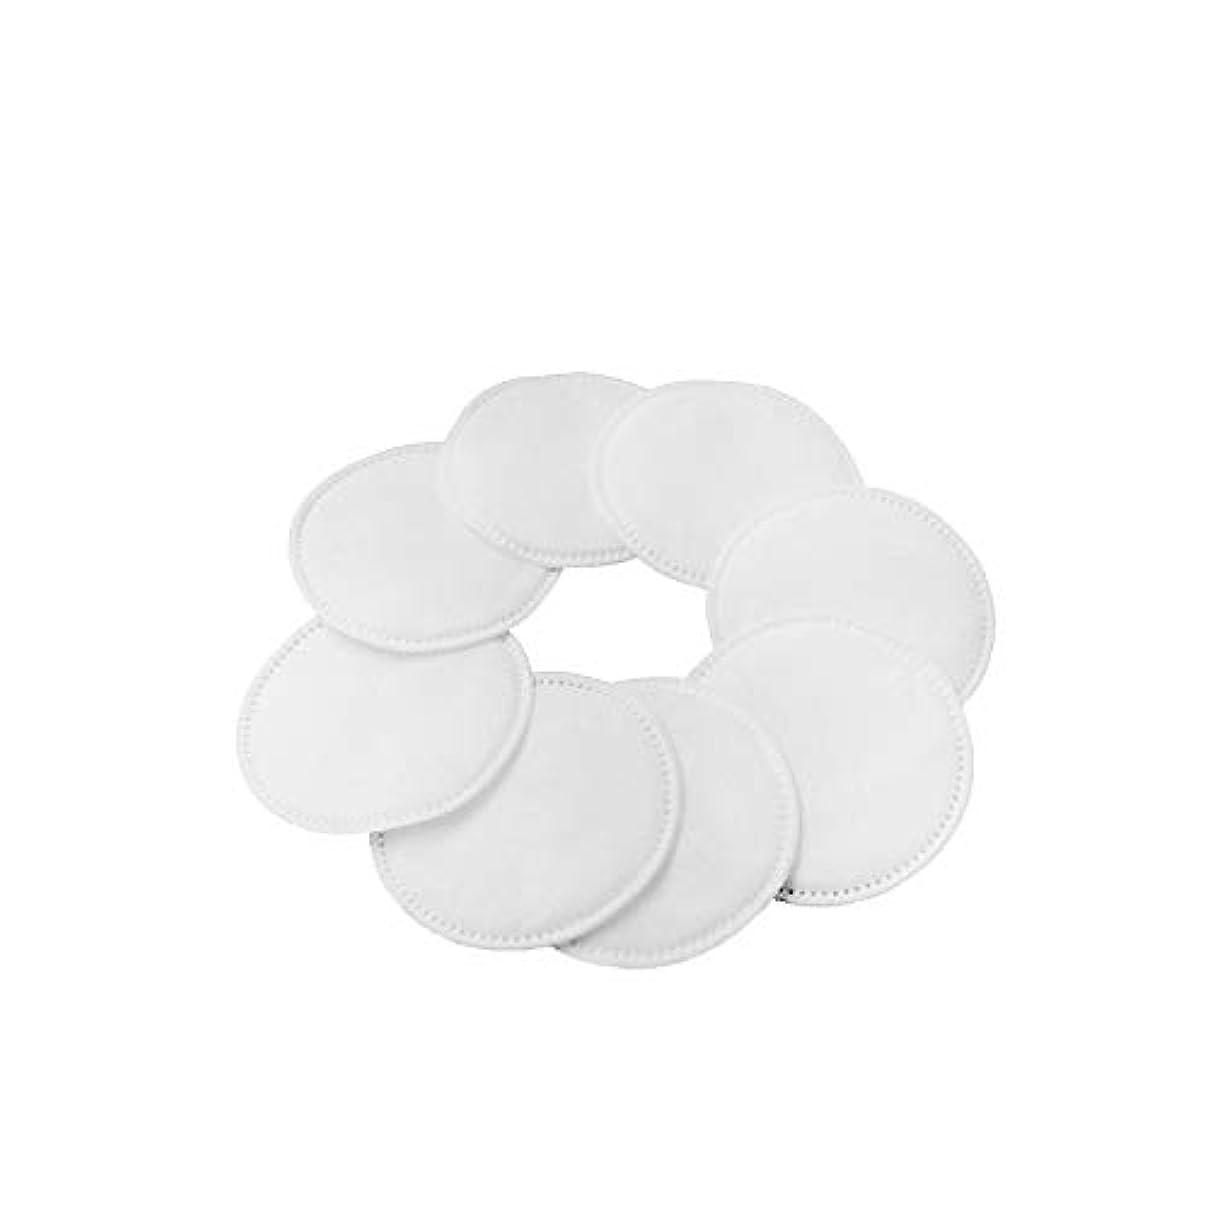 モススカルク正確にAmyou 再利用可能なメイクアップリムーバーパッド、洗濯可能な竹の綿の授乳クッション、洗濯毛布、ソフトとフェイススキンケアウォッシュ布袋 - フェイスワイプ/アイクリエーション